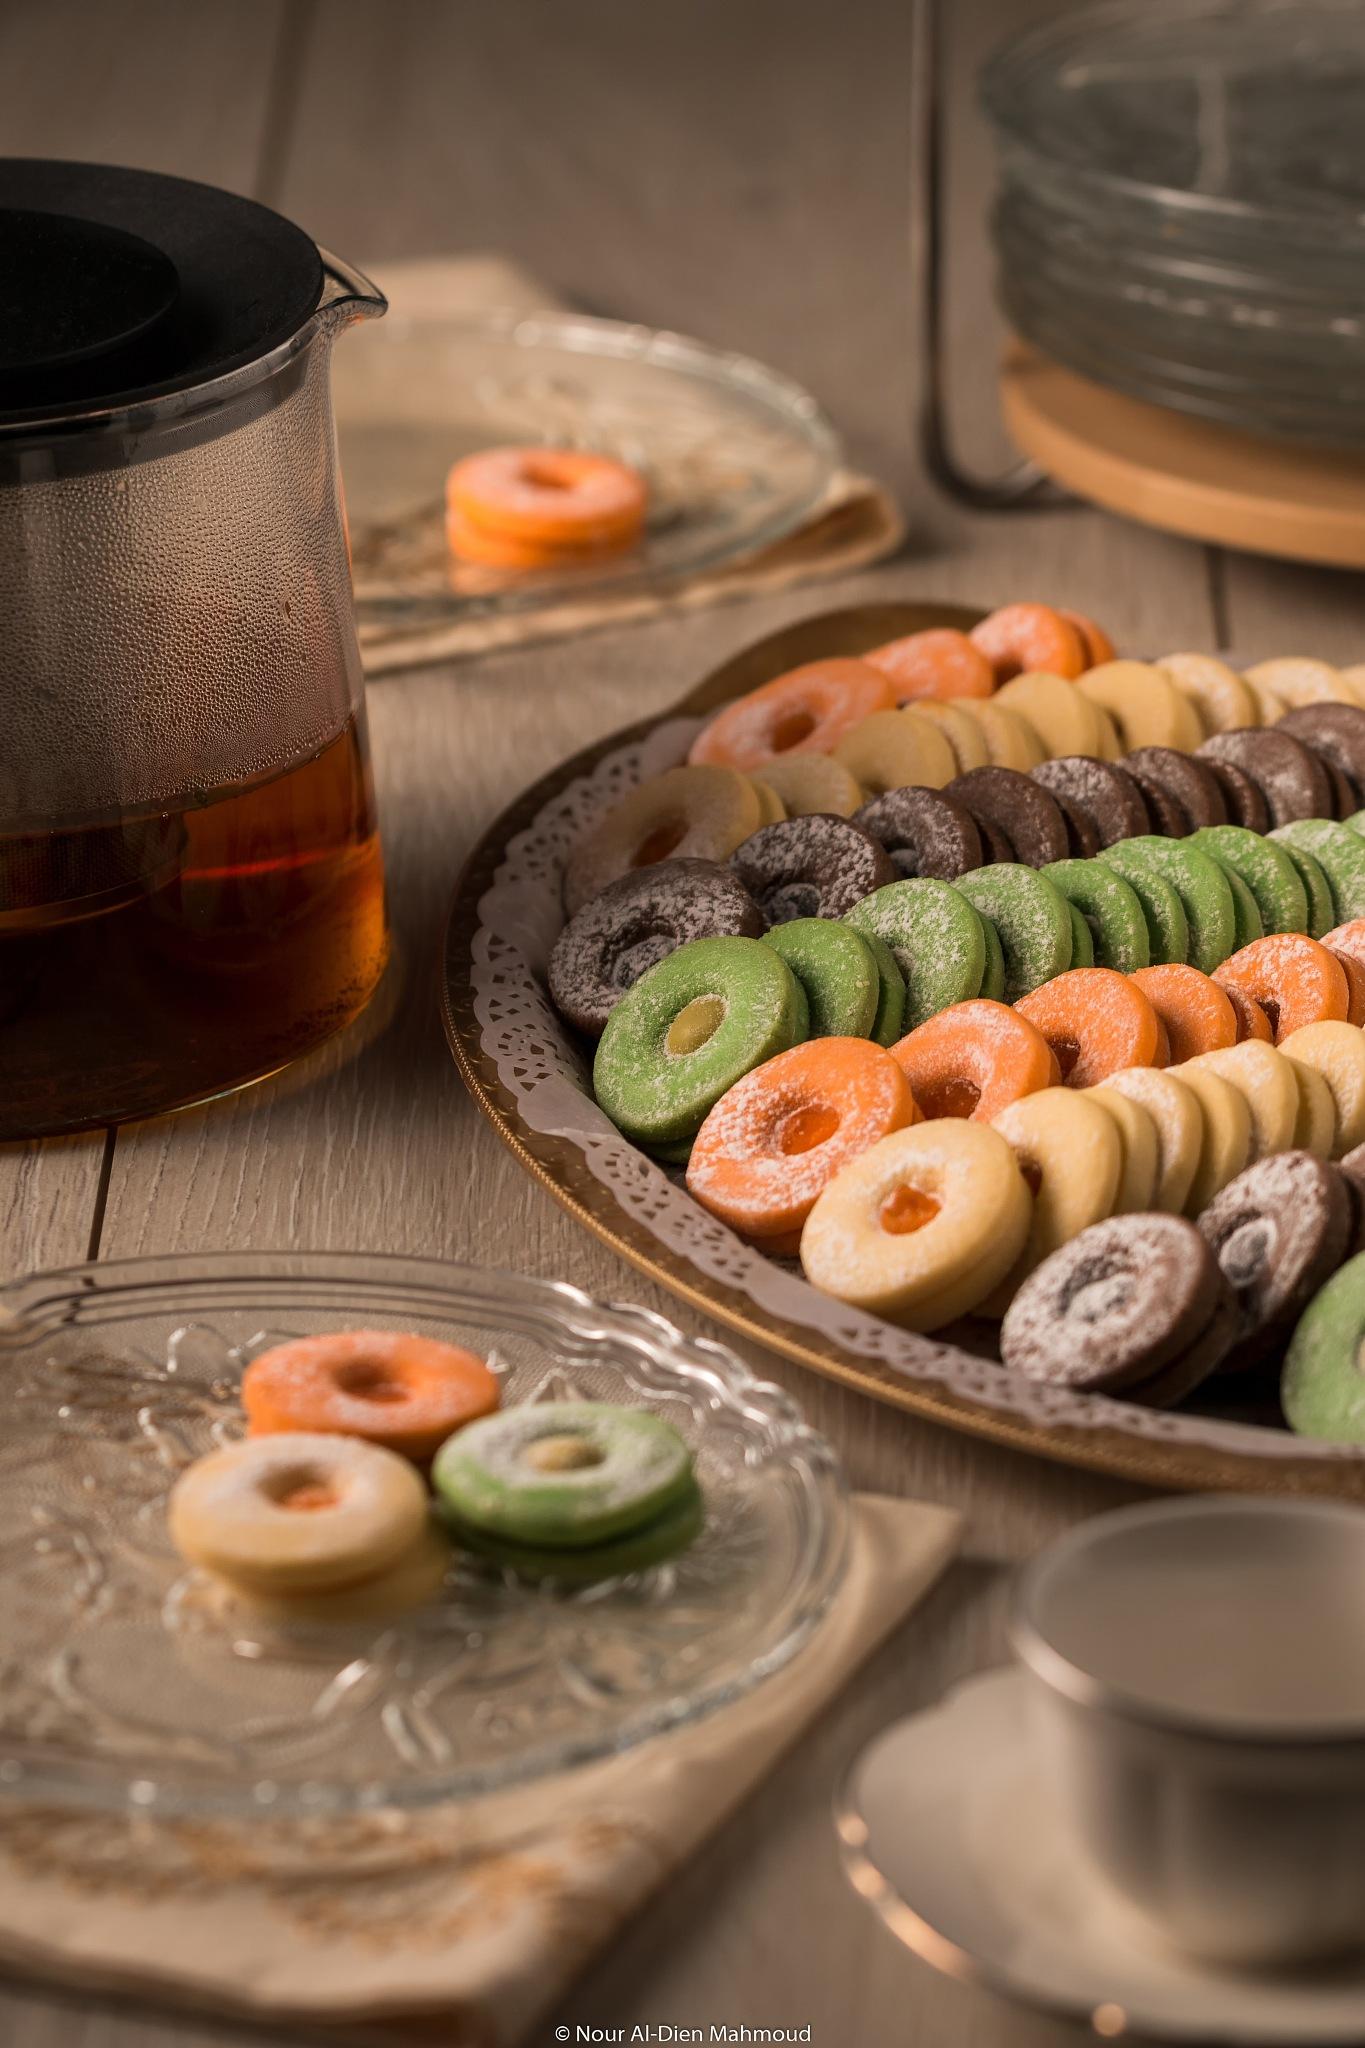 Colors of Cookies by Nour Al-Dien Mahmoud